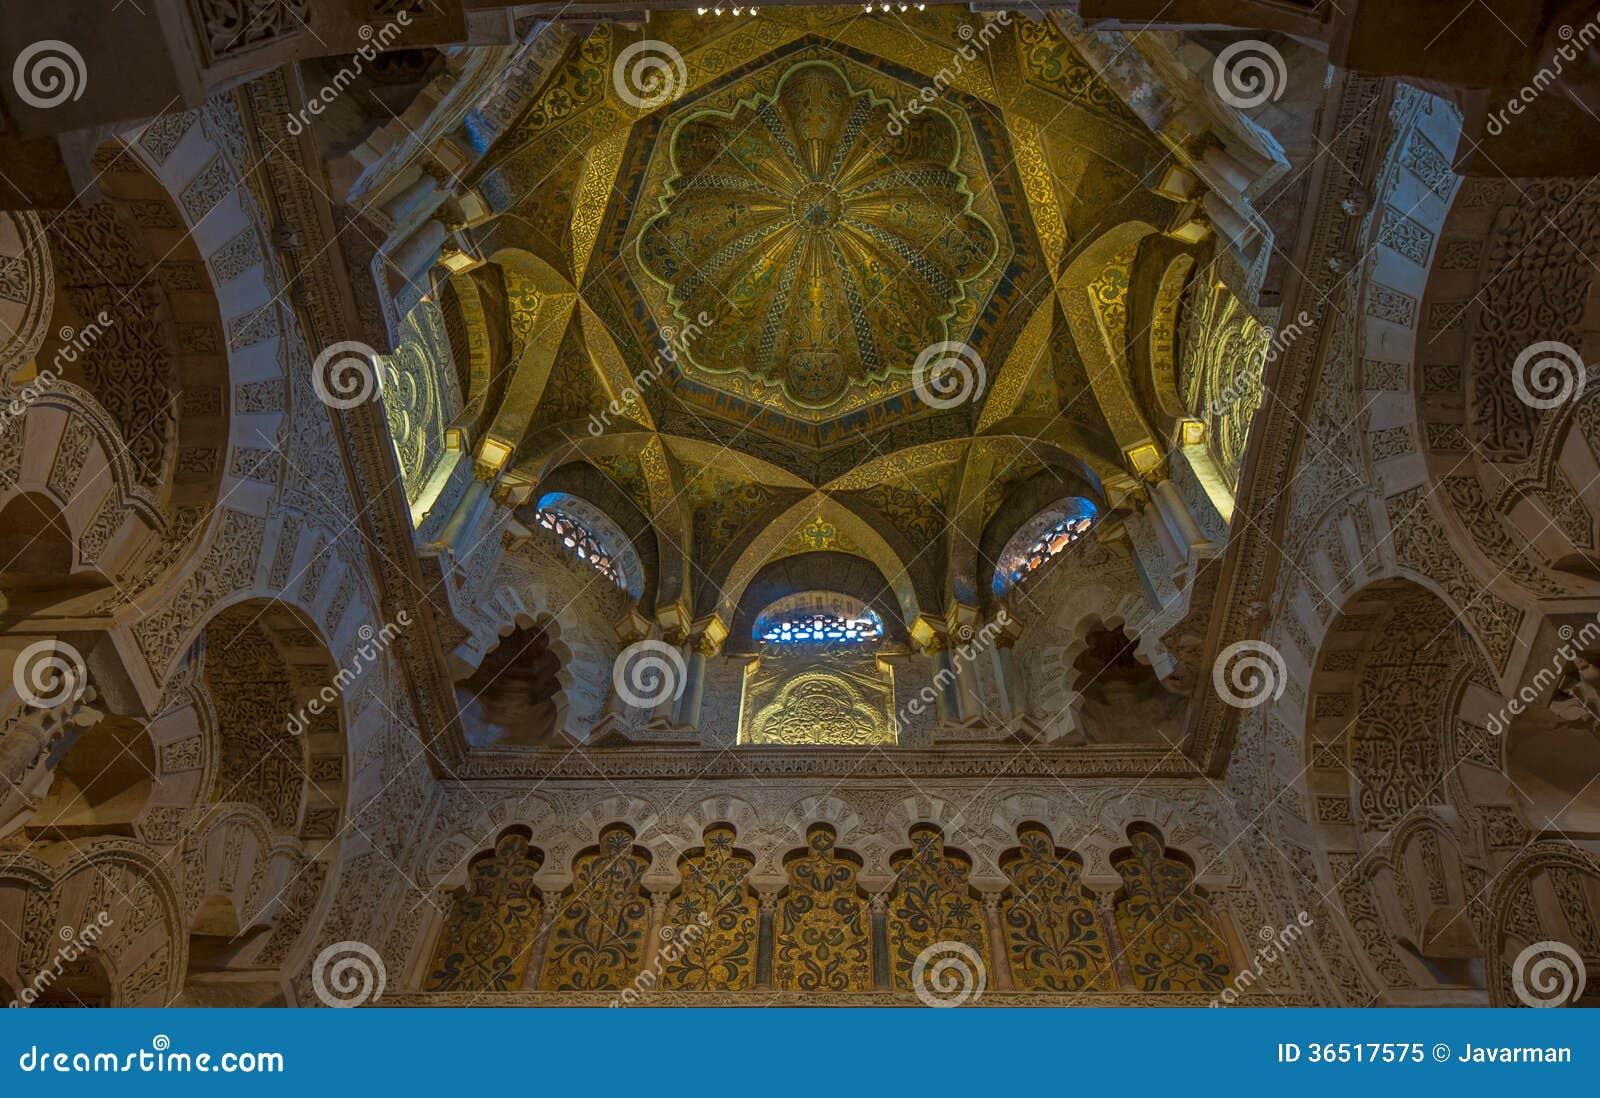 Intérieur de la Mezquita-Catedral,